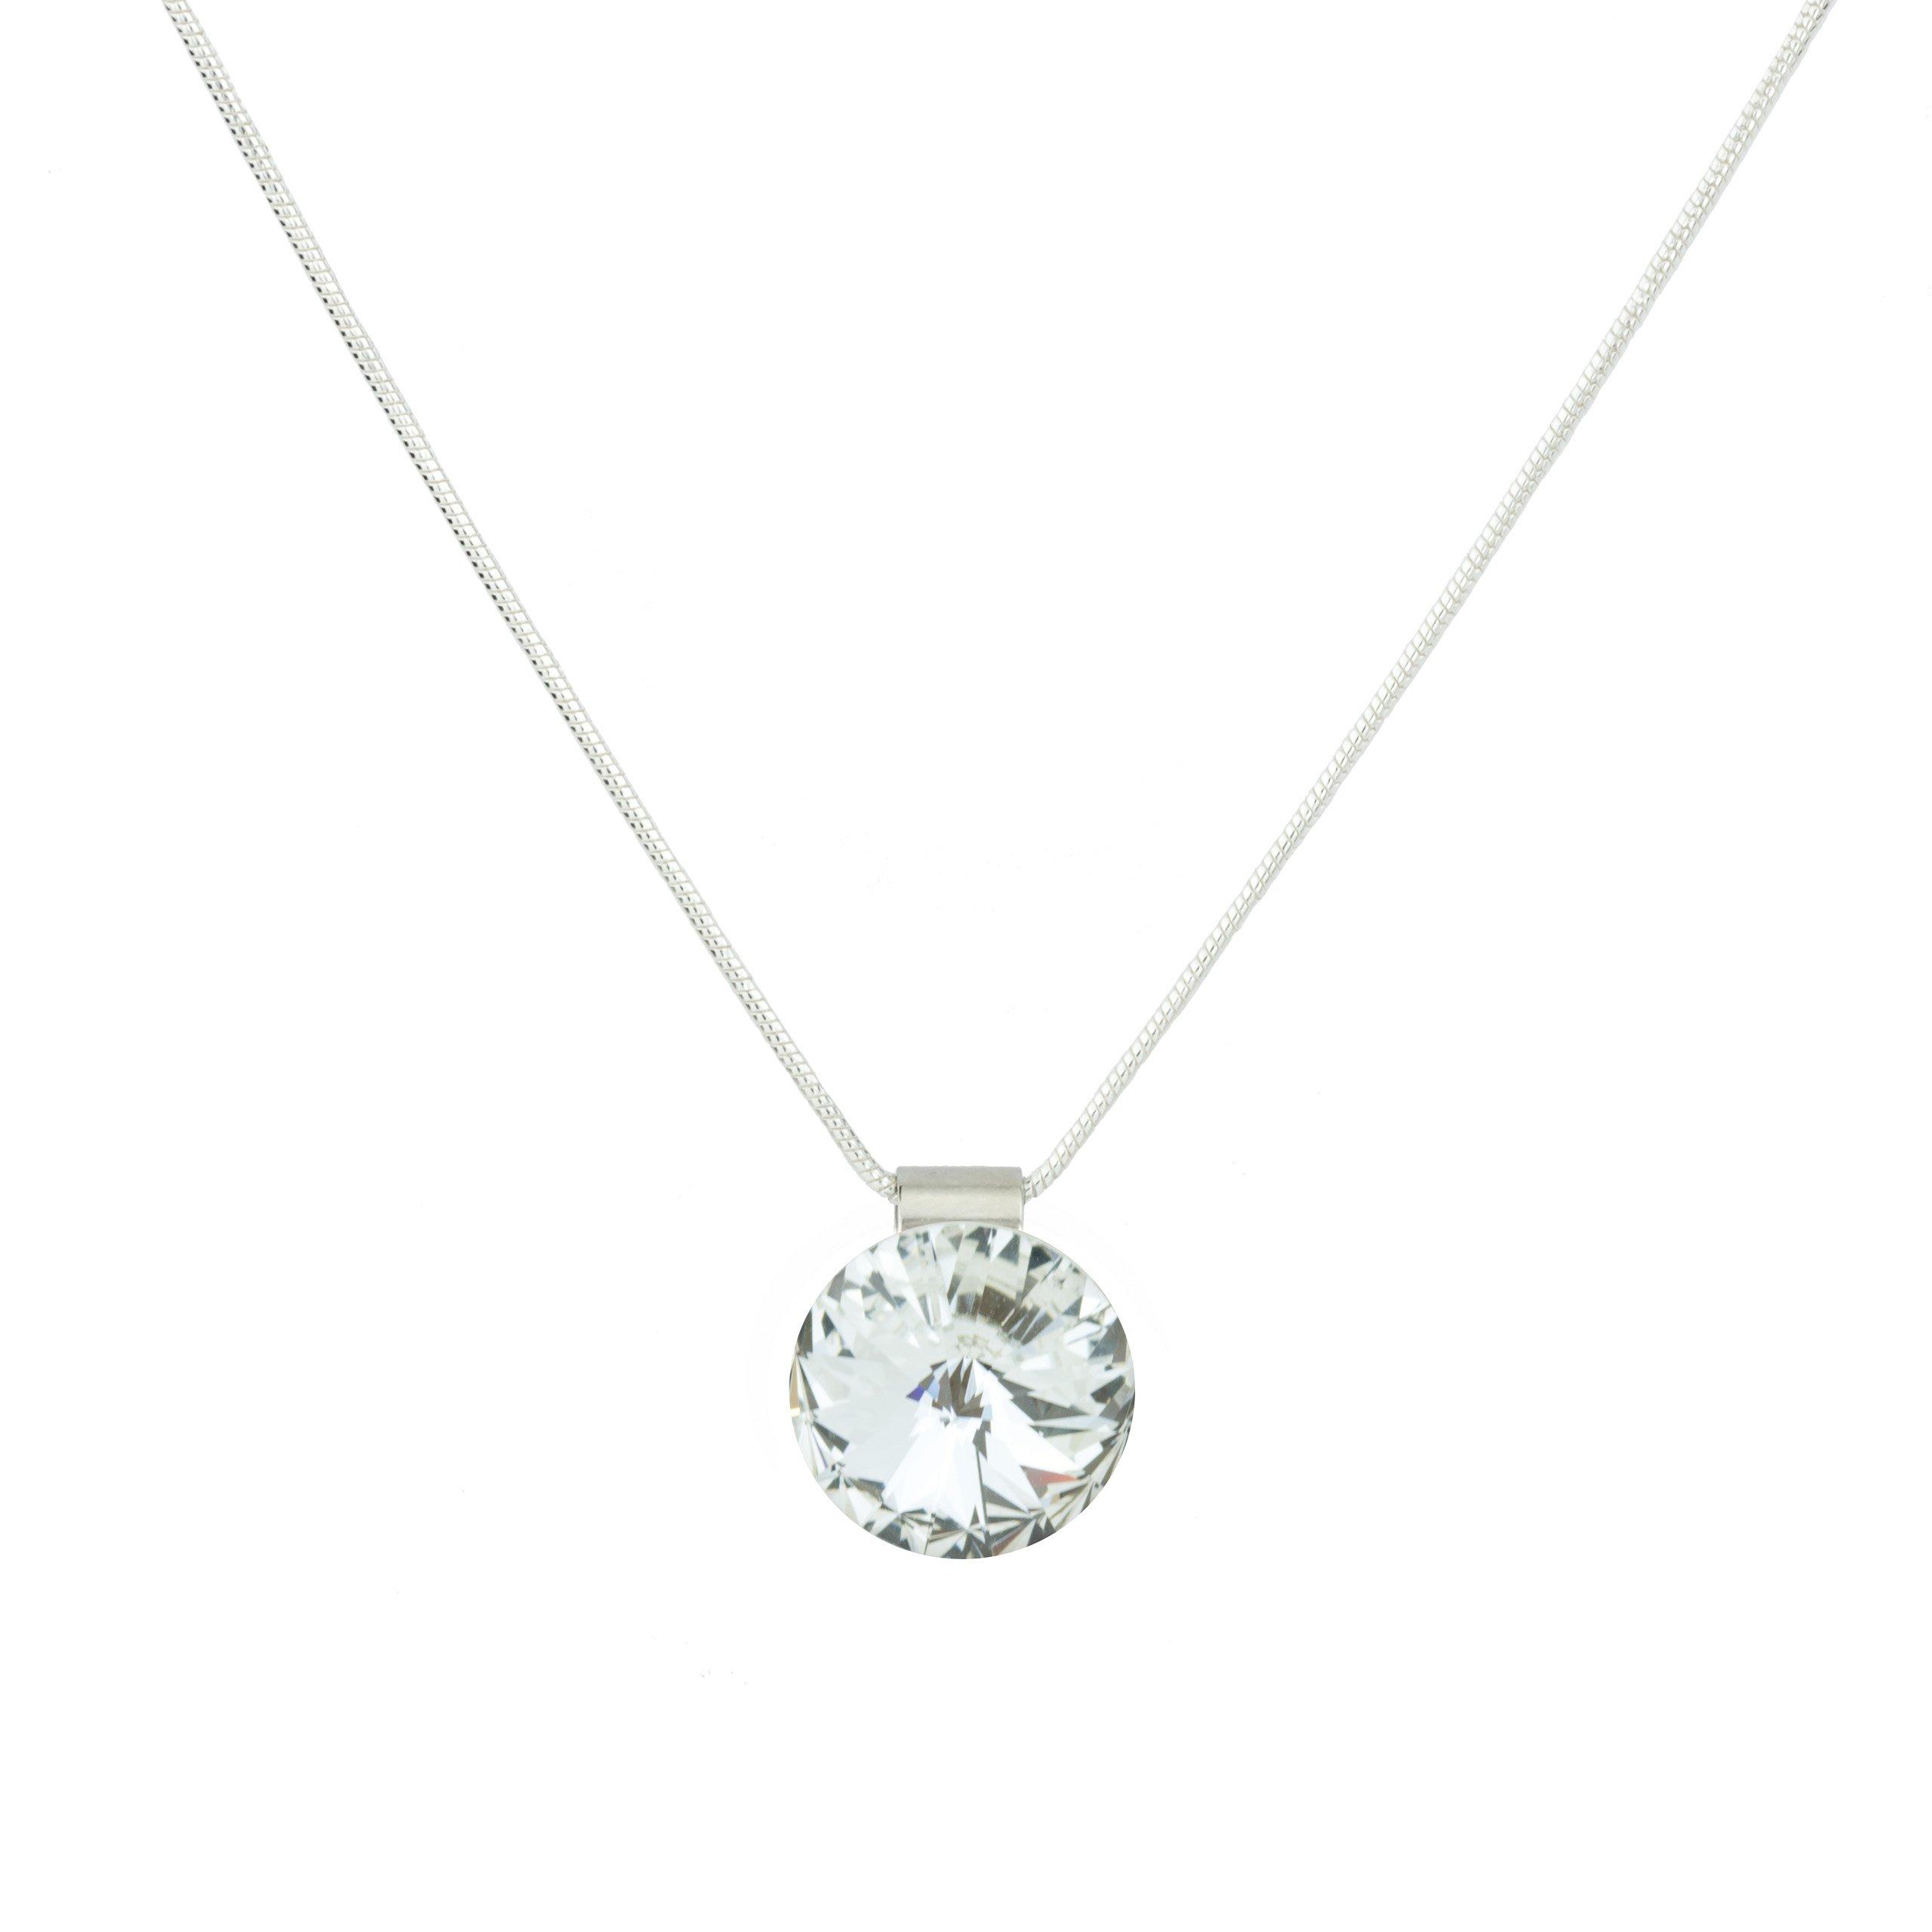 Eve S jewelry–Collana da donna con ciondolo Swarovski Elements Crystal placcati argento rodiato cr